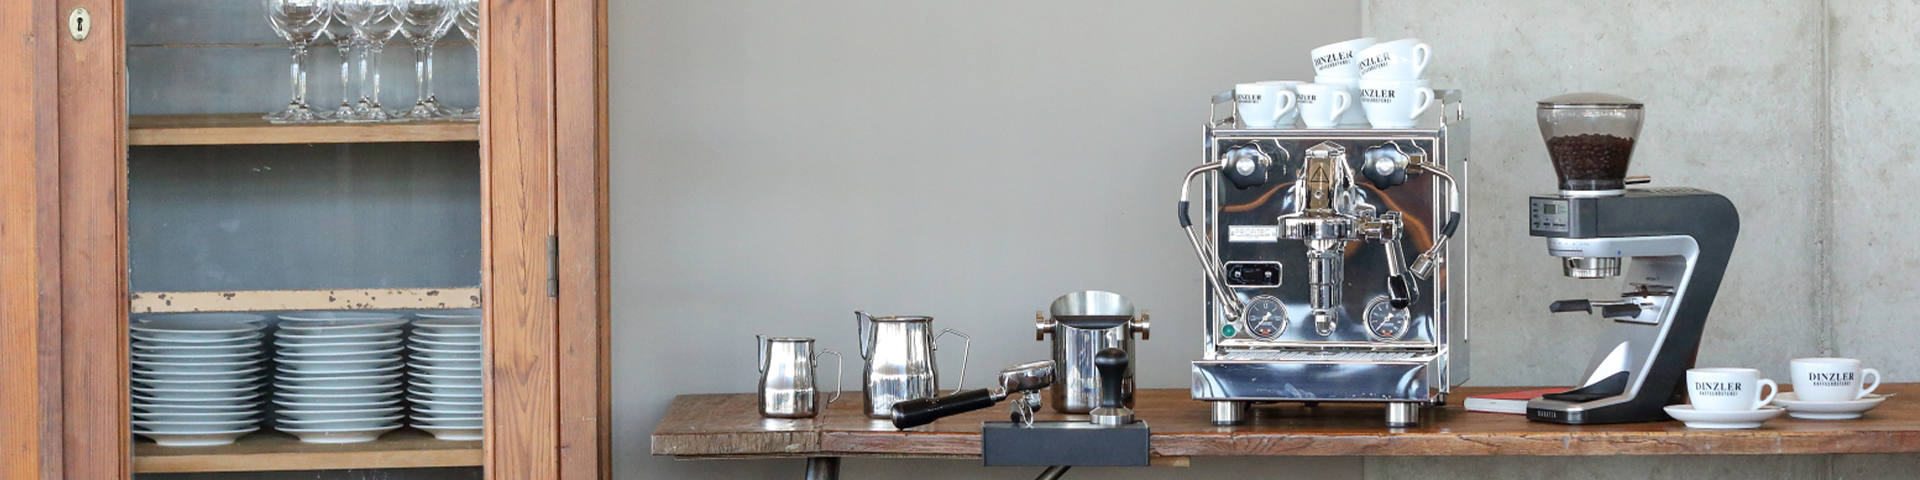 Baristazubehör - Für den perfekten Espresso